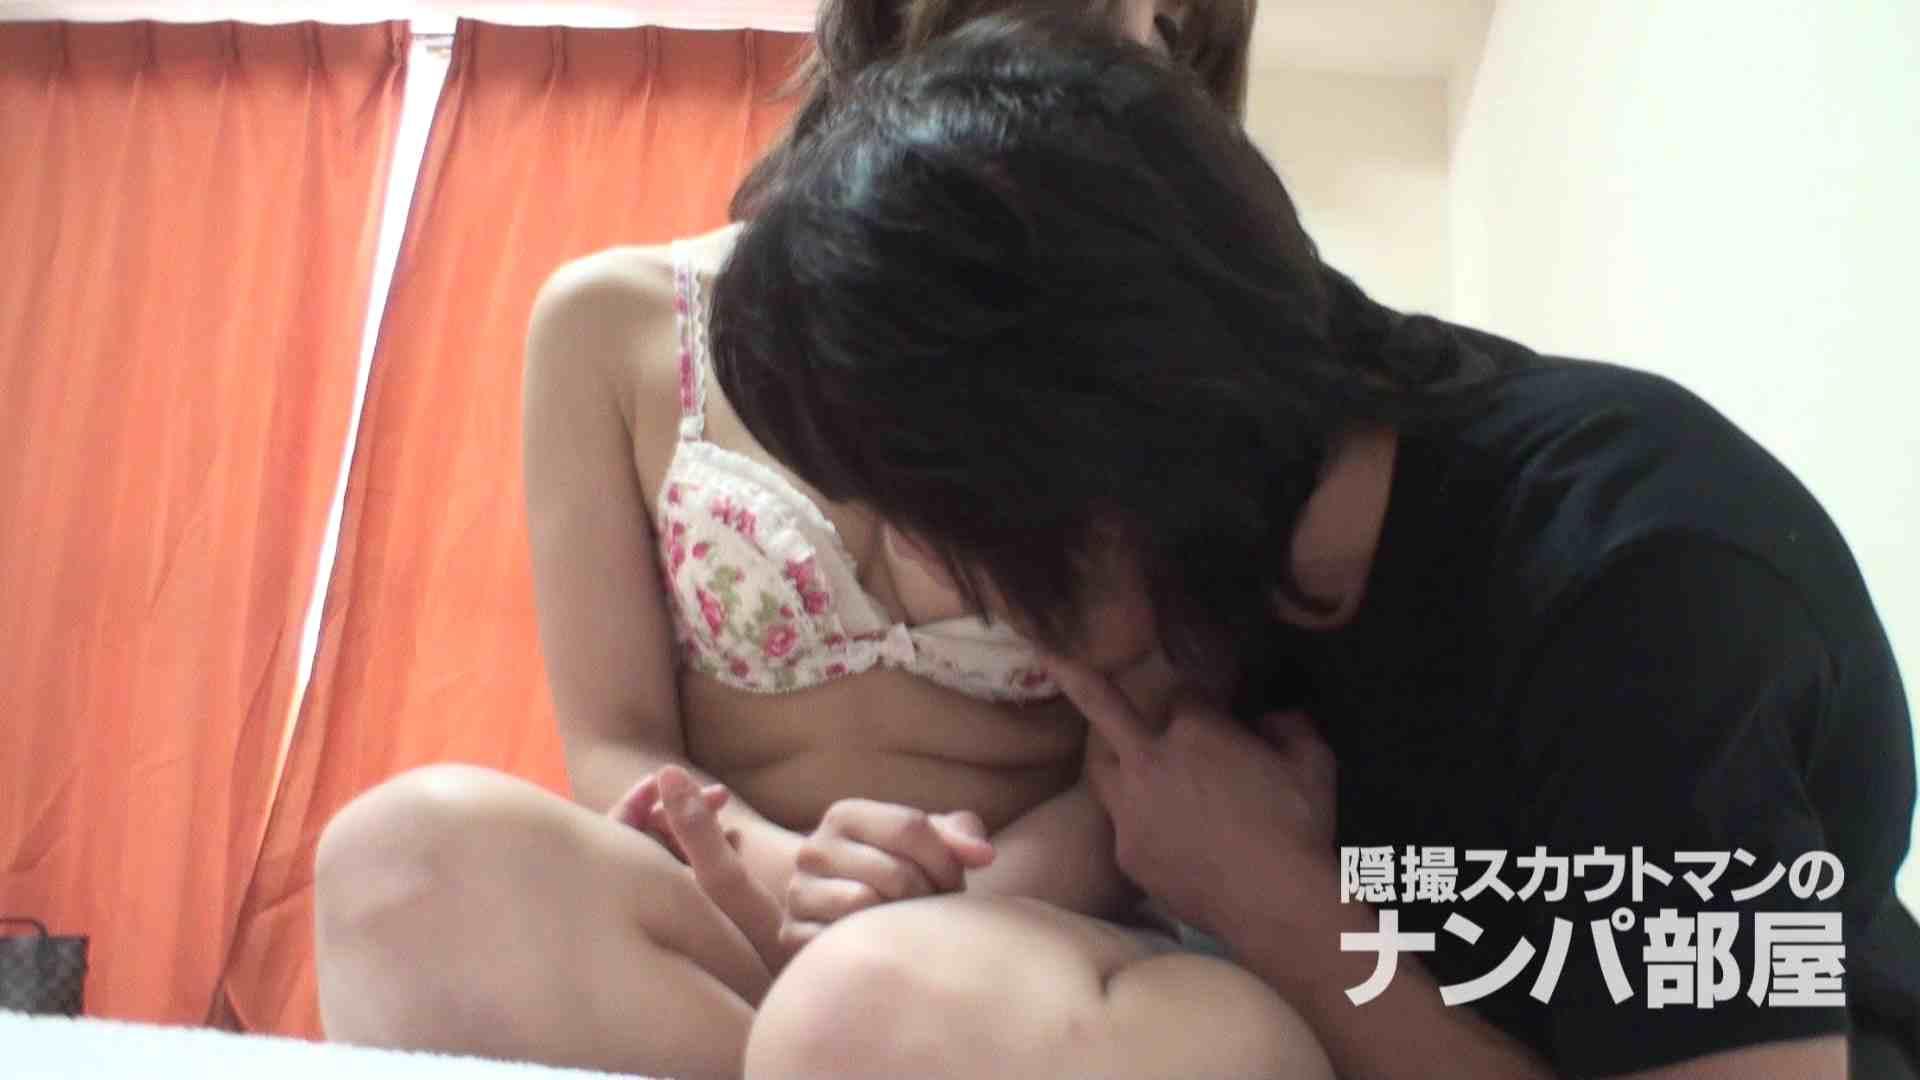 隠撮スカウトマンのナンパ部屋~風俗デビュー前のつまみ食い~ siivol.2 OL裸体 | ナンパ  58画像 44